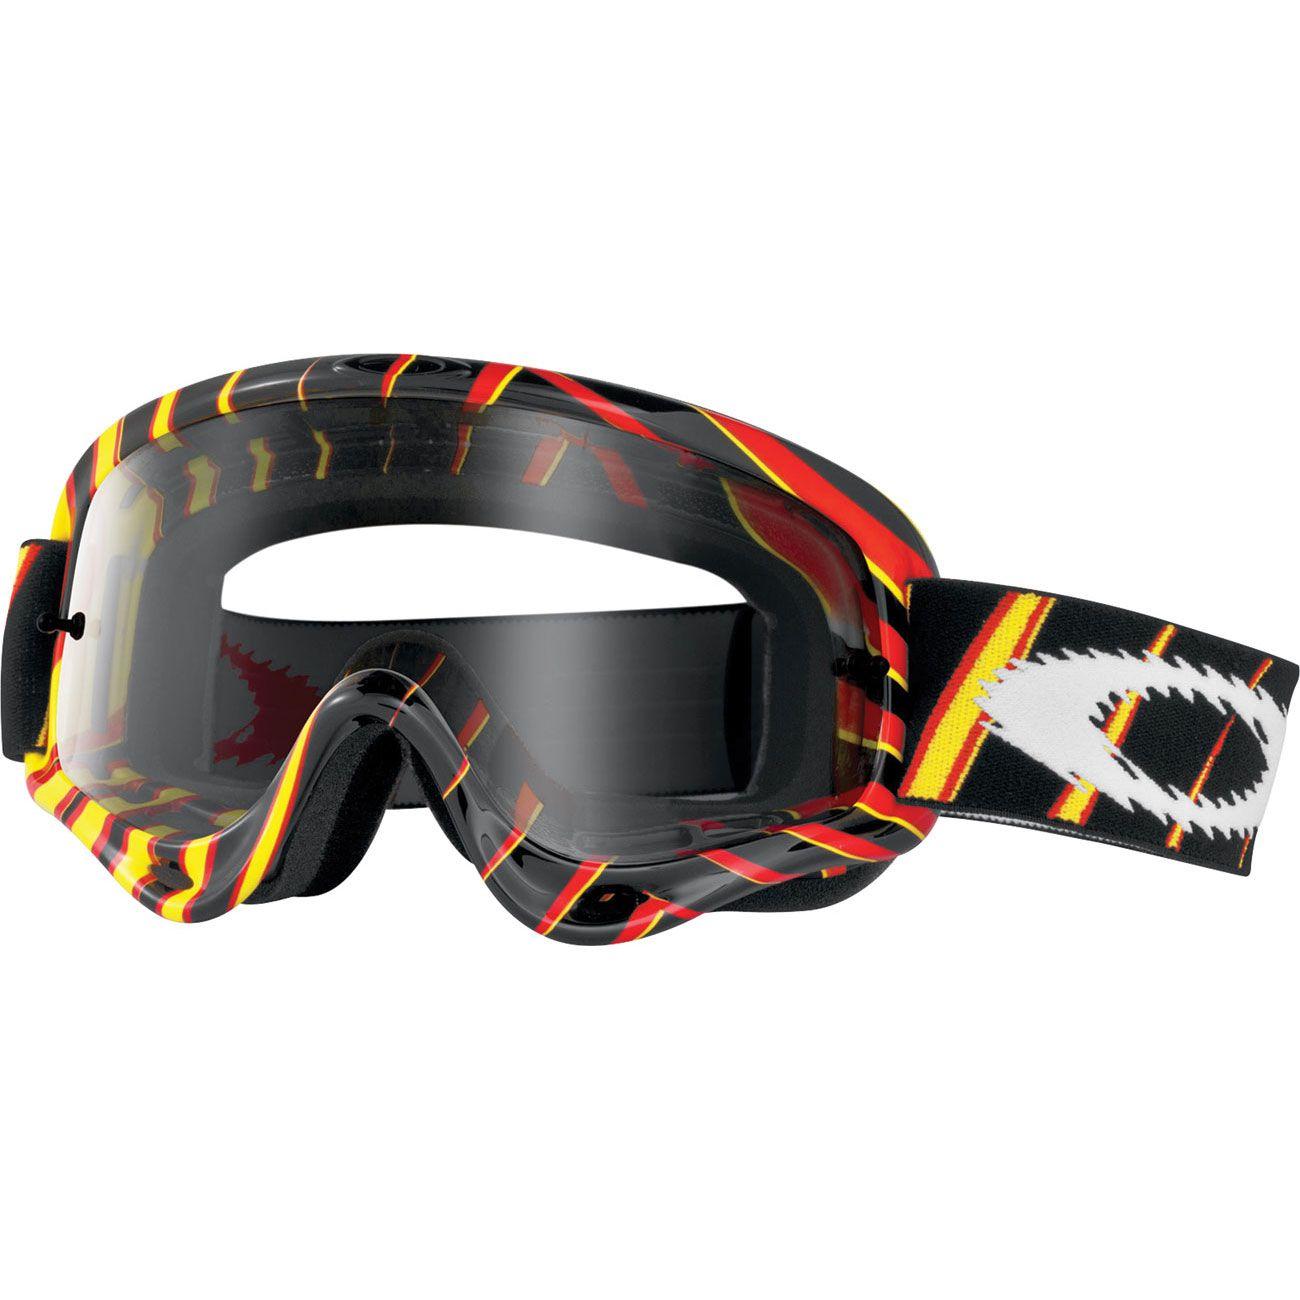 Óculos Oakley O Frame Razors Edge Orange/Yellow $162.45